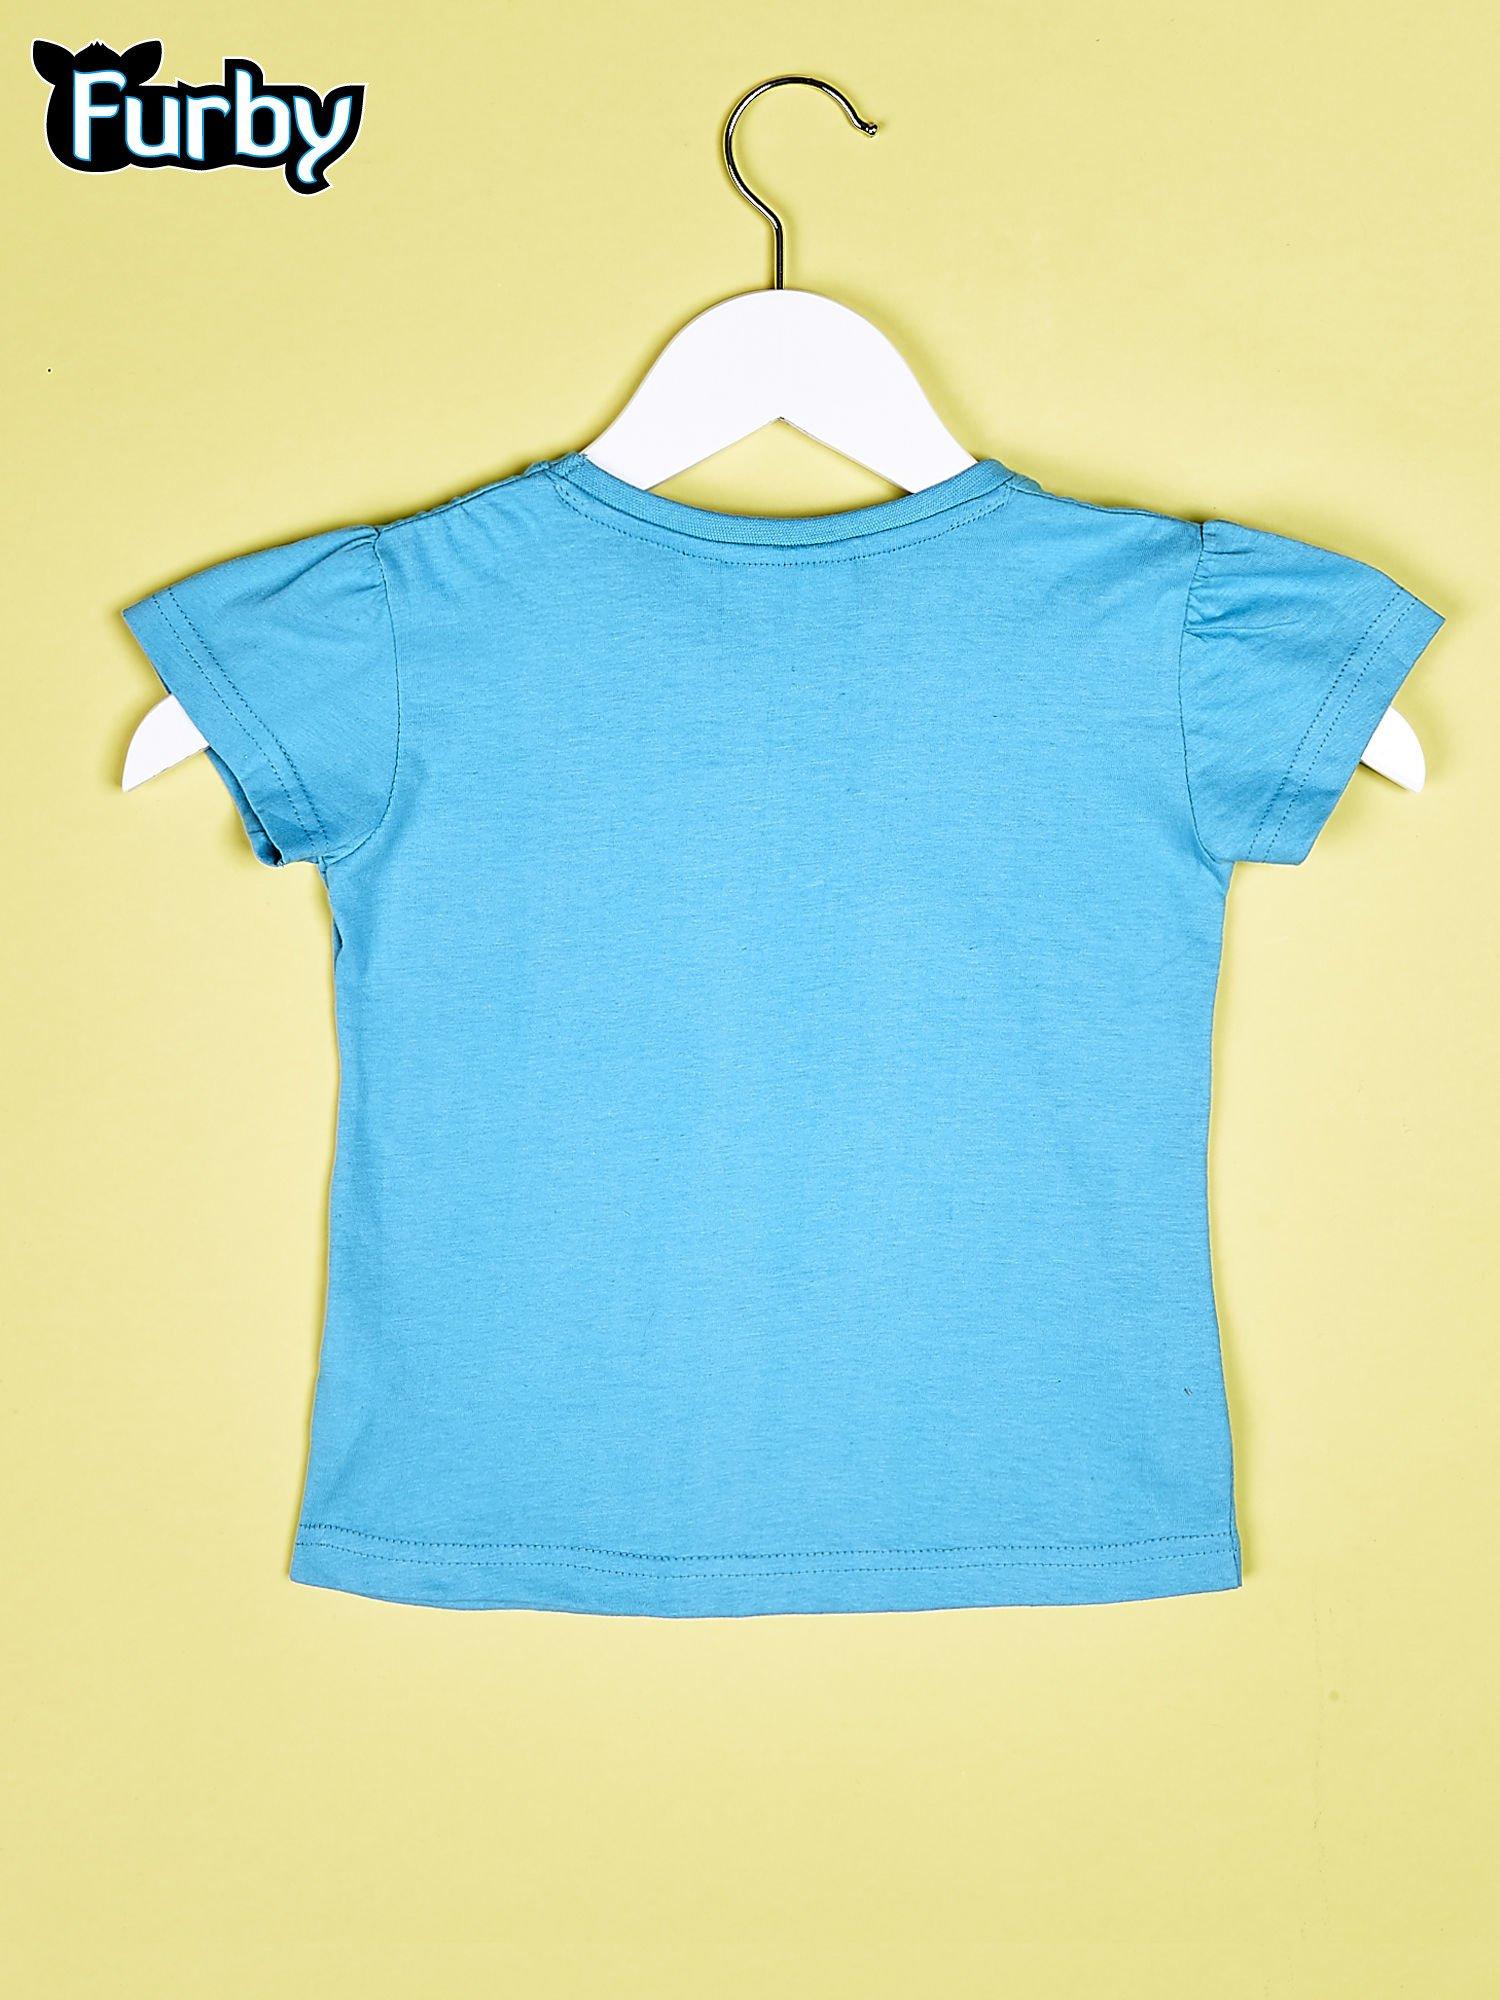 Niebieski chłopięcy t-shirt FURBY                                  zdj.                                  2